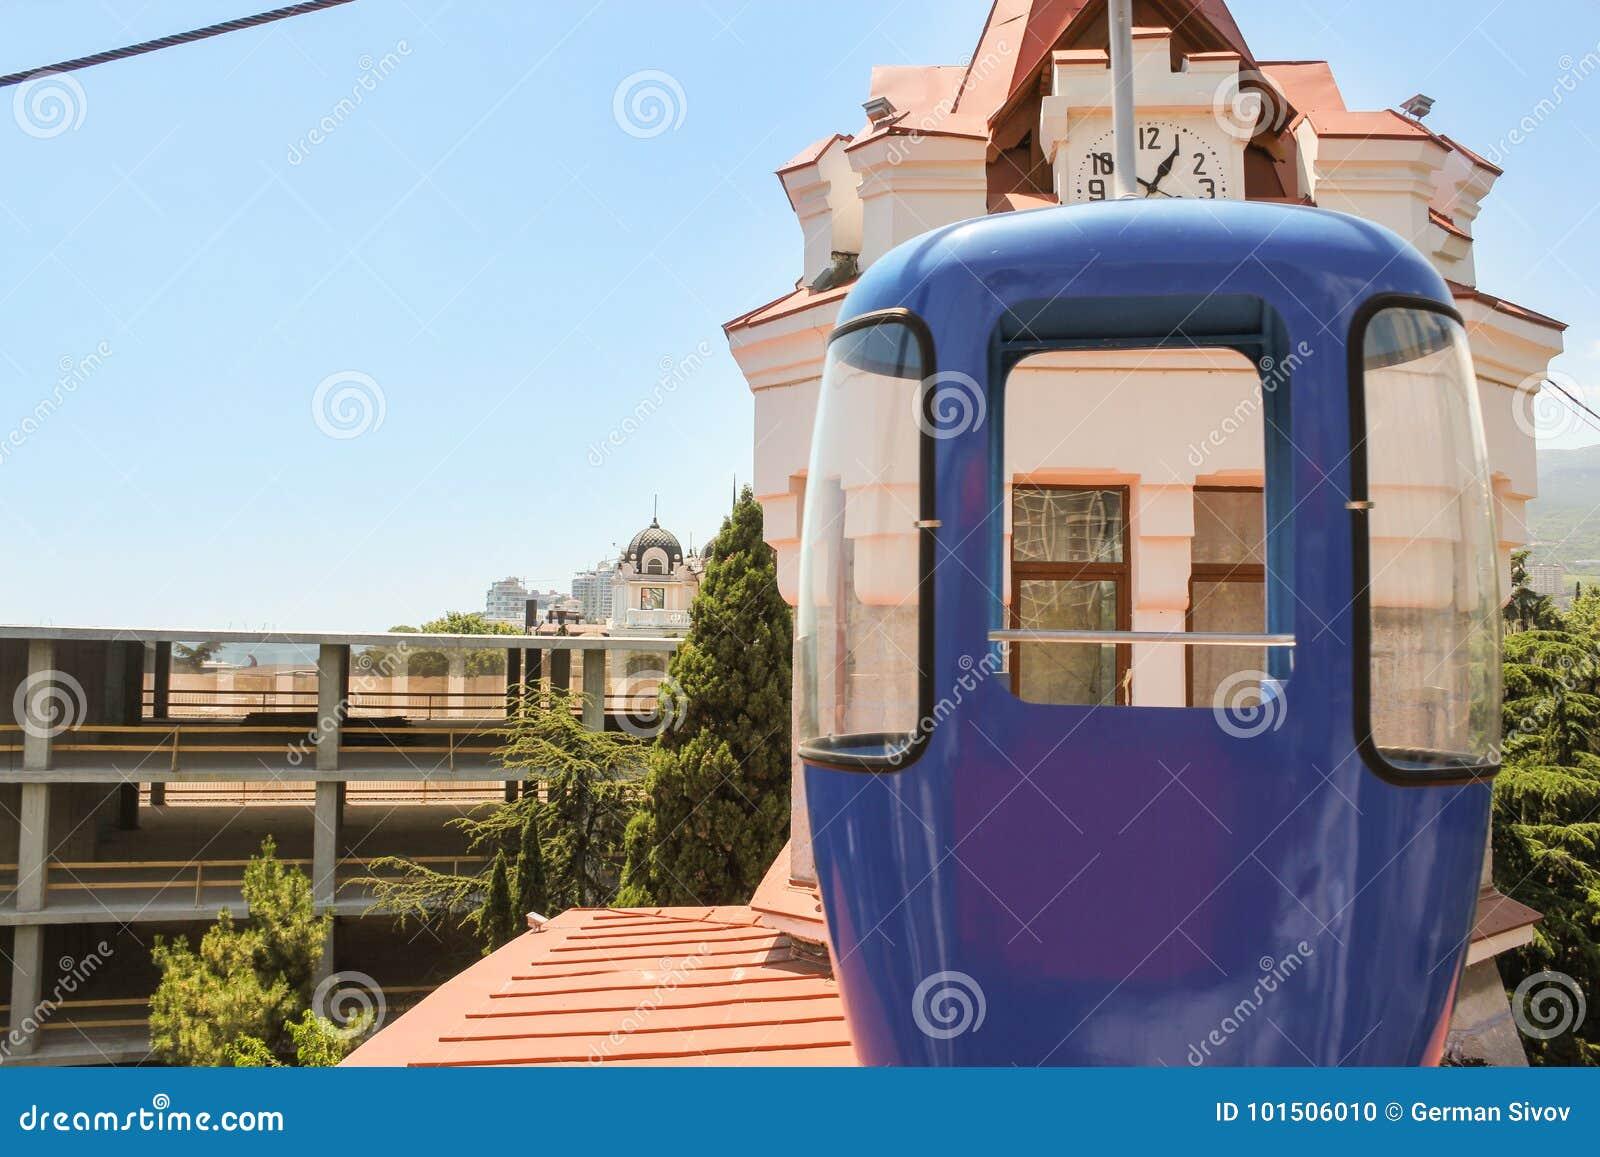 Drahtseilbahn Kabine